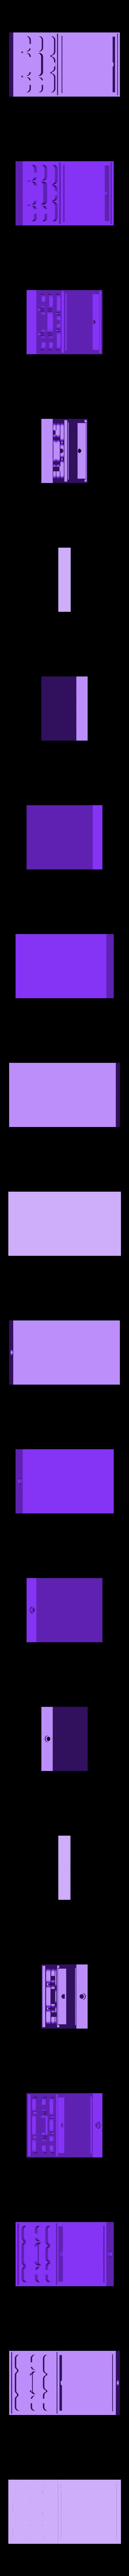 1 Hormiguero - Formicarium.stl Descargar archivo STL Hormiguero de lujo Box v1 (4ants) • Objeto para imprimir en 3D, 4ants